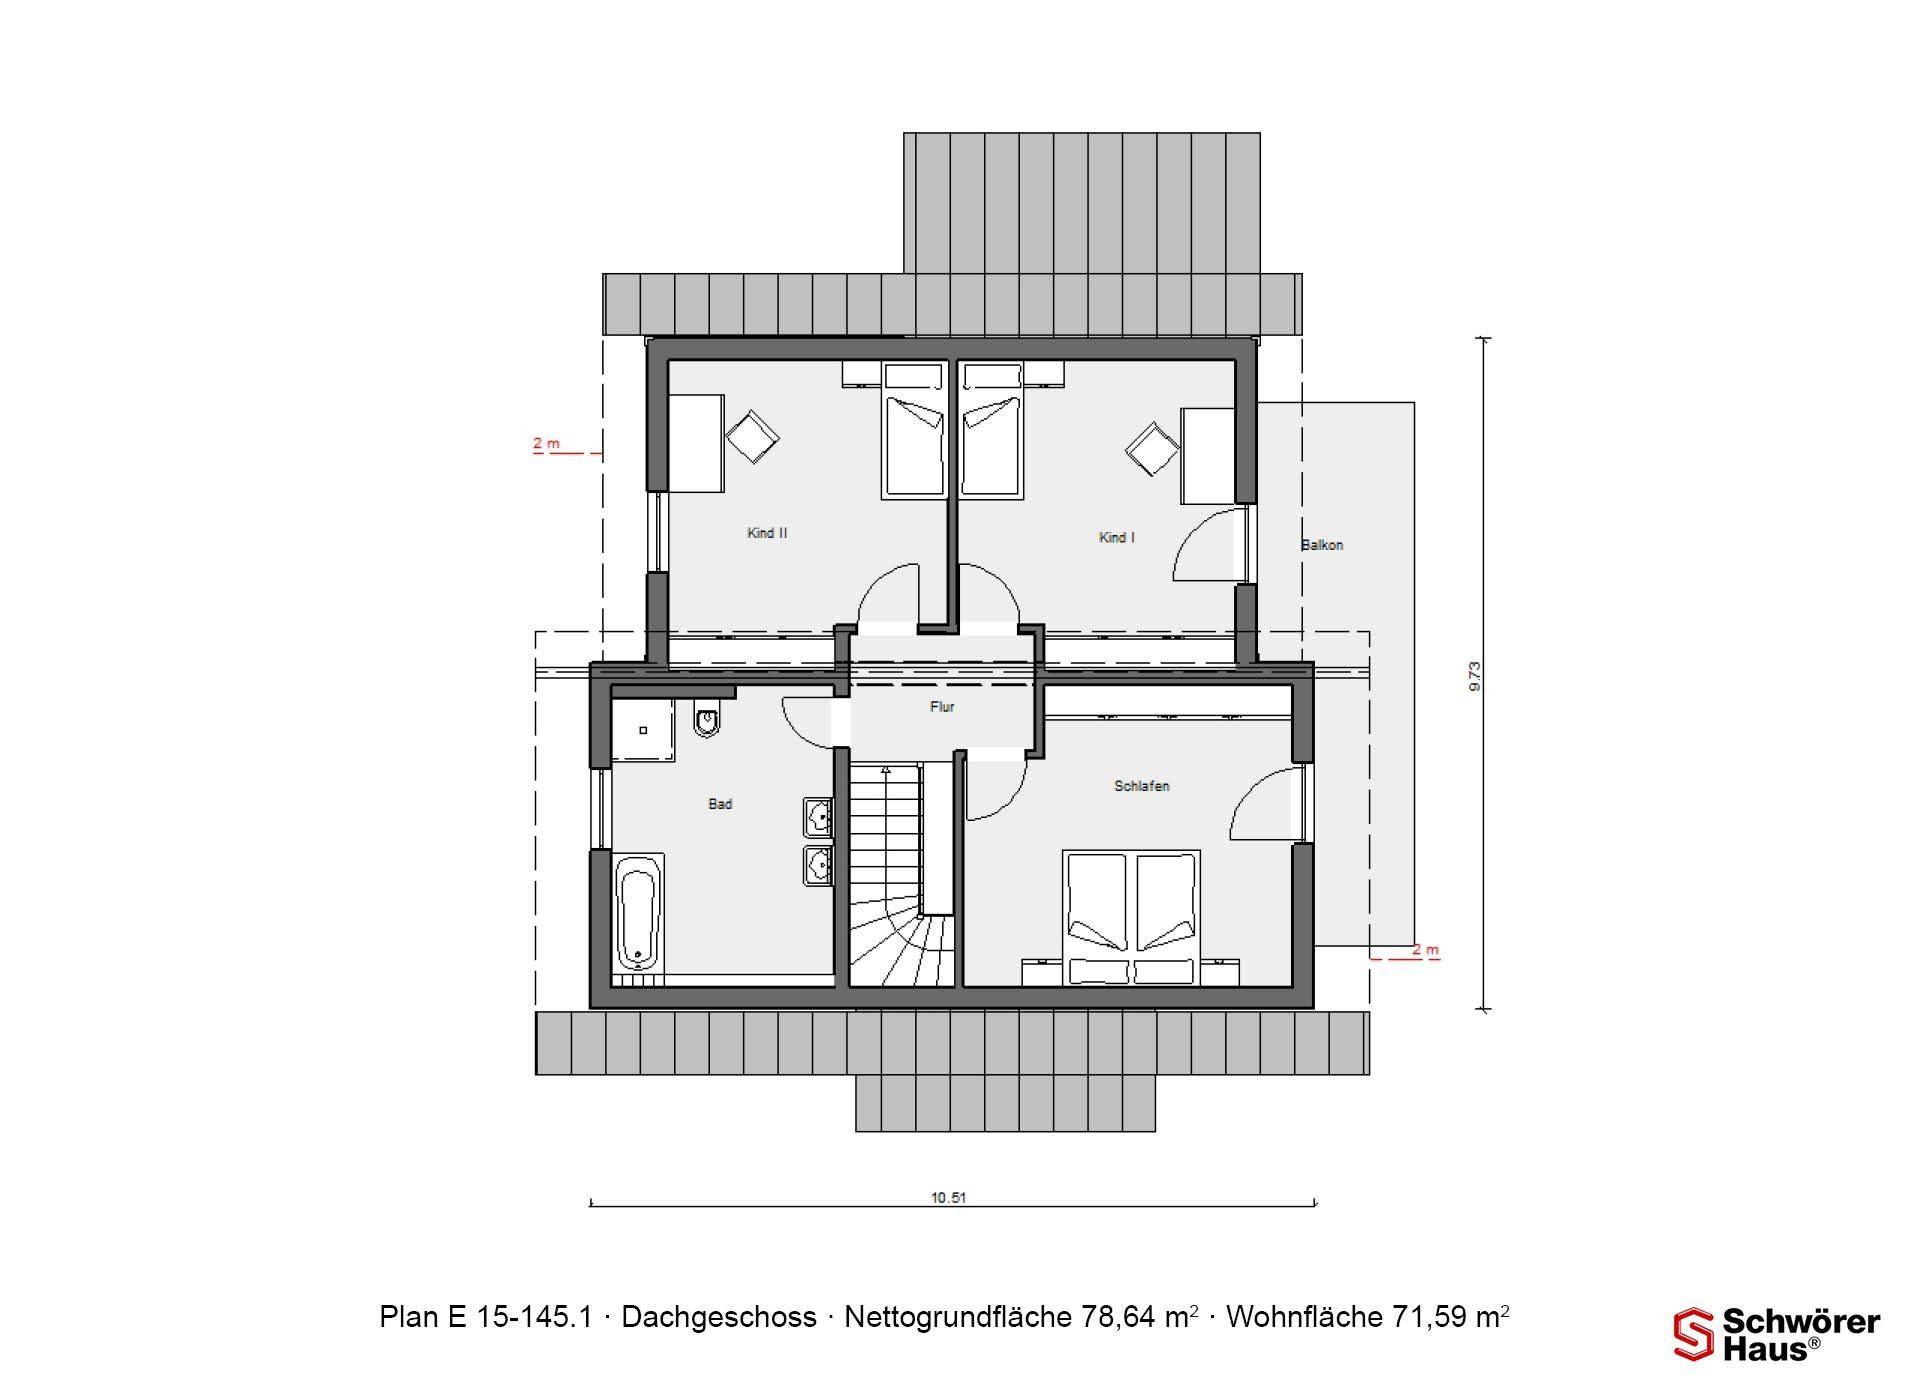 Plan E 15-145.1 - Eine Nahaufnahme einer Uhr - Gebäudeplan